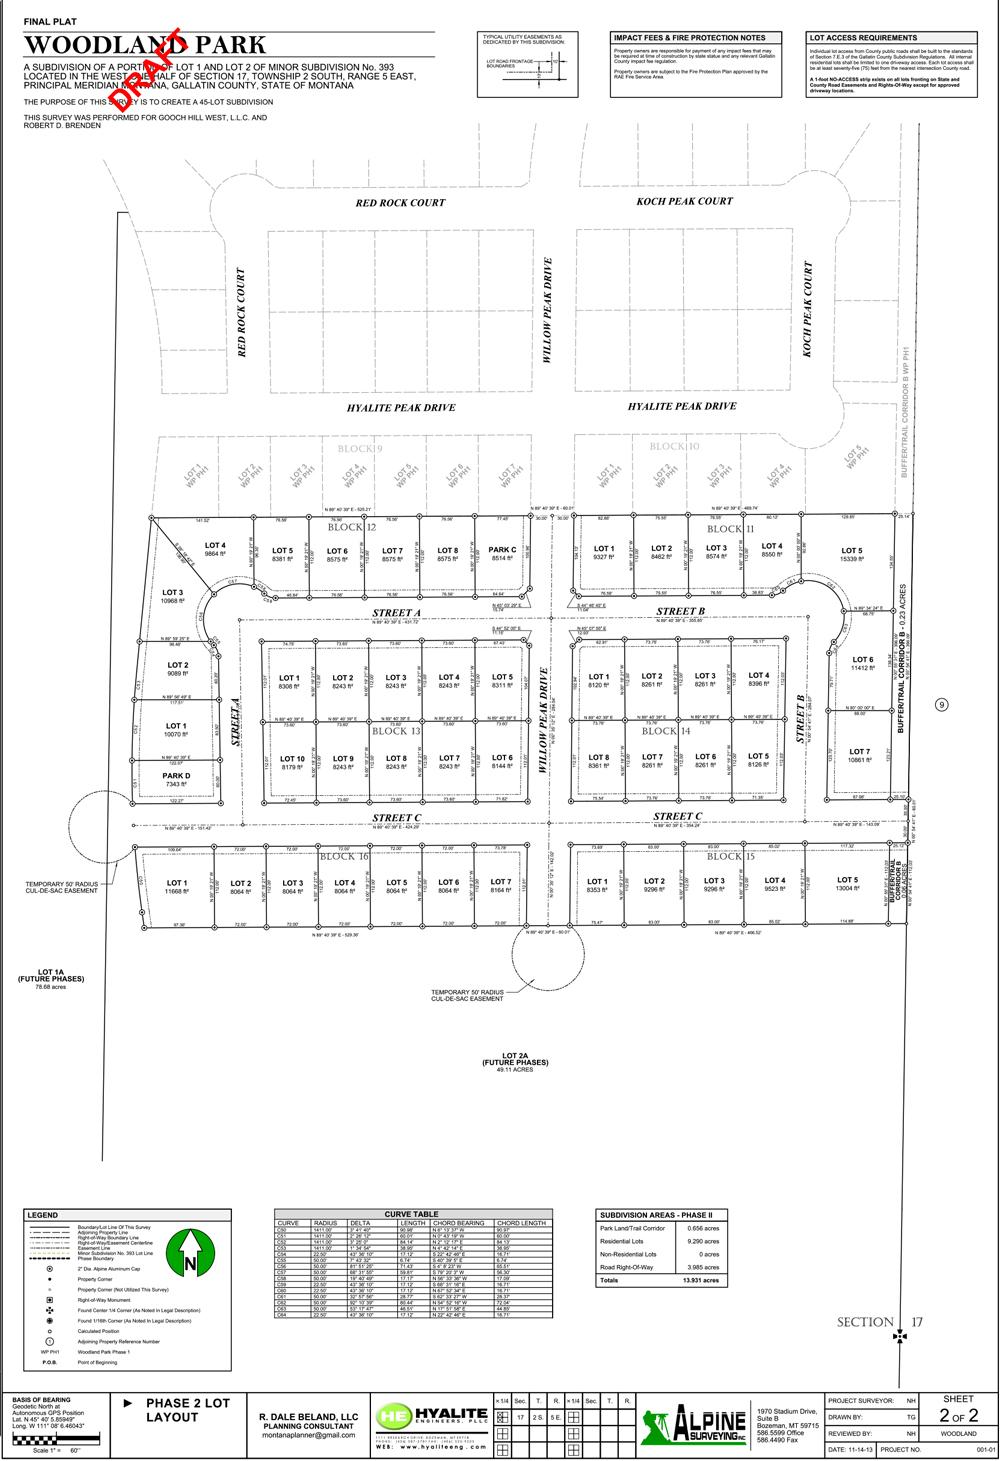 Woodland Park Phase 2